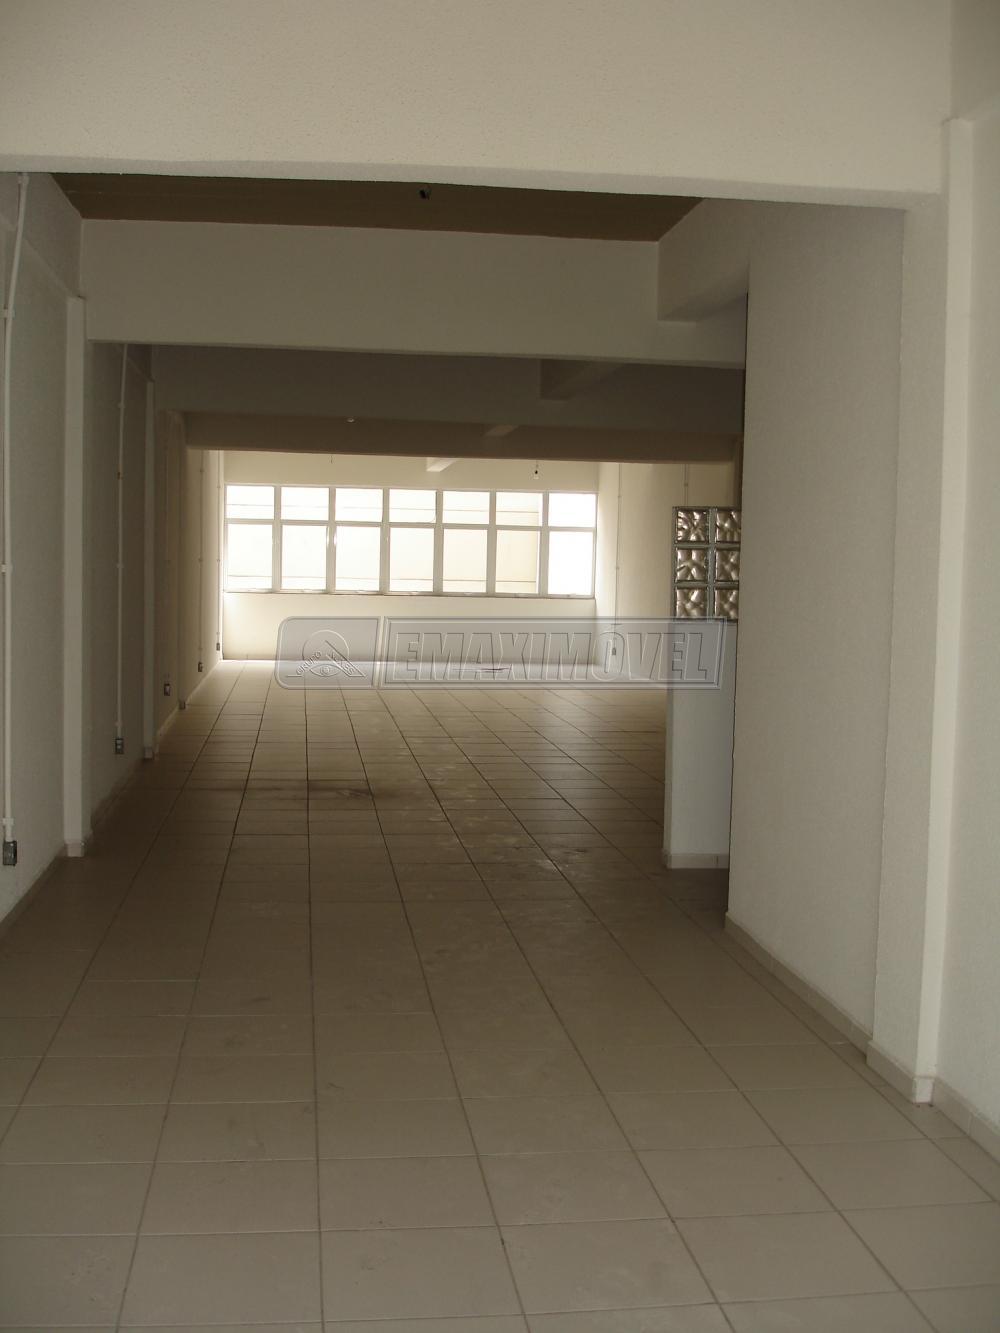 Alugar Comercial / Salões em Sorocaba apenas R$ 3.000,00 - Foto 7